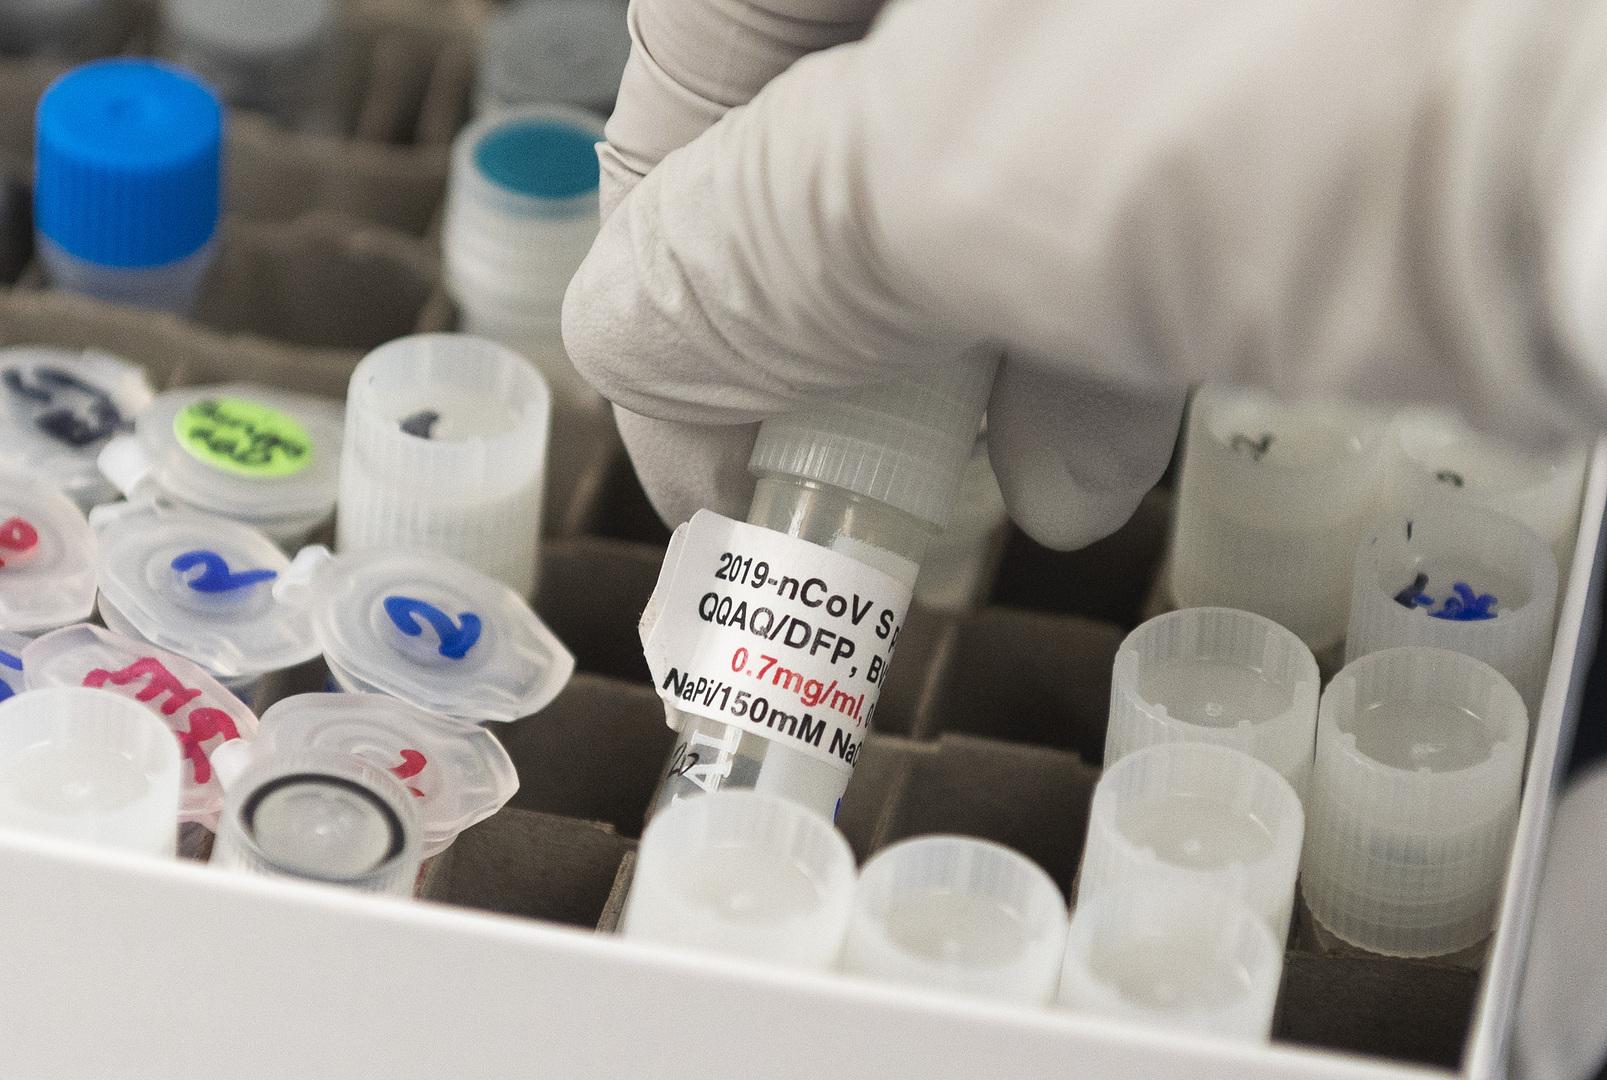 اكتشاف 28 من الأجسام  المضادة القادرة على تدمير الفيروس التاجي..